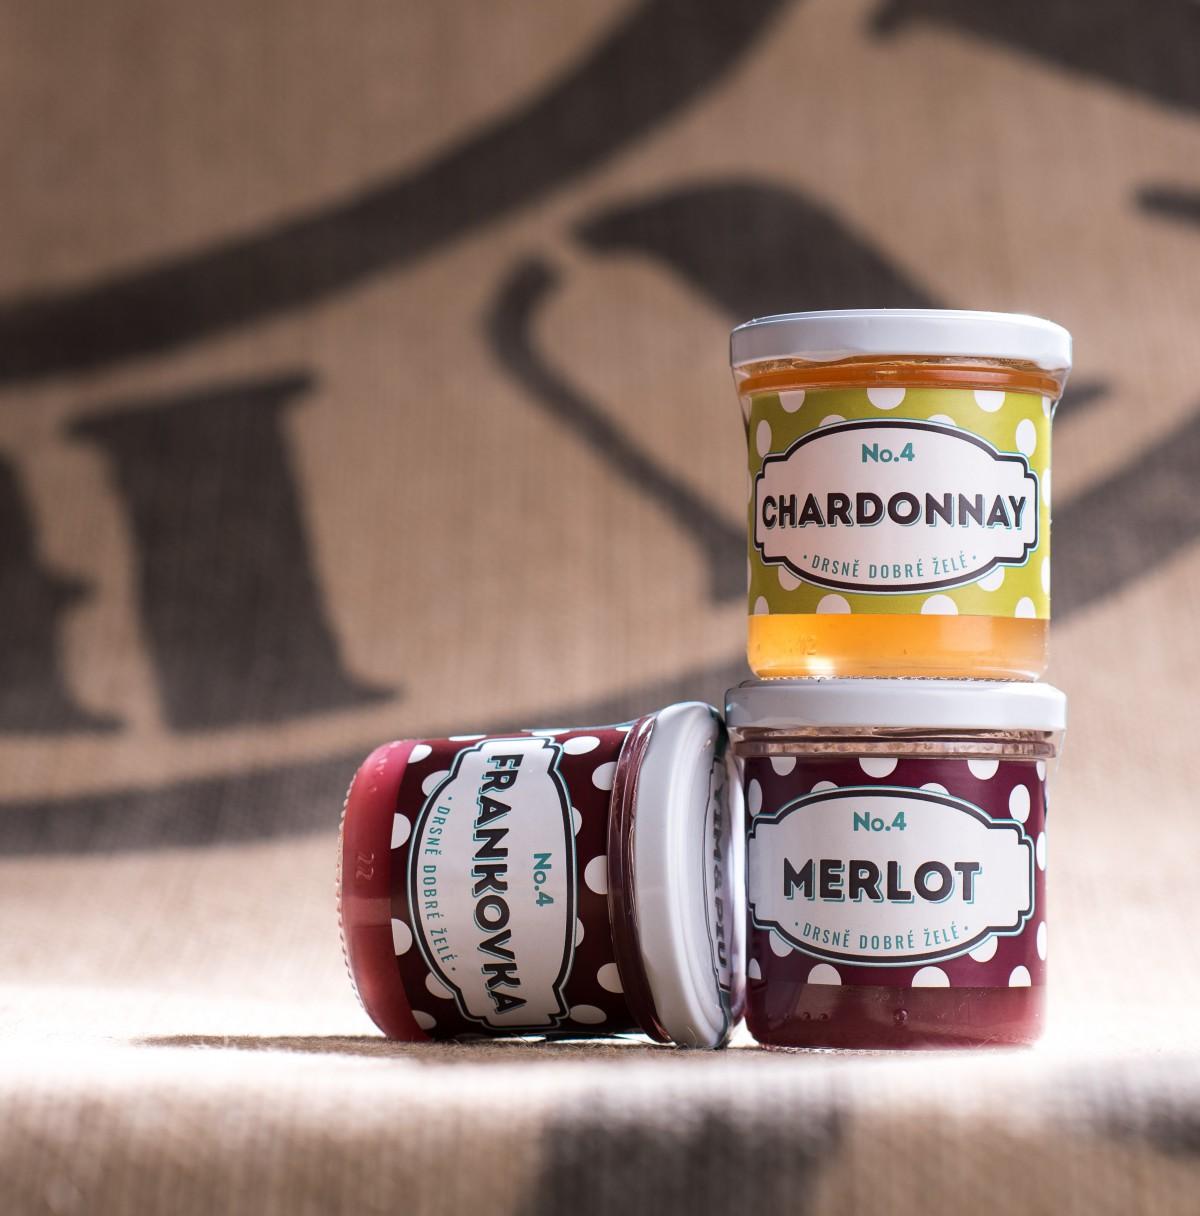 Kromě klasických džemů bude firma prodávat i netradiční příchuti